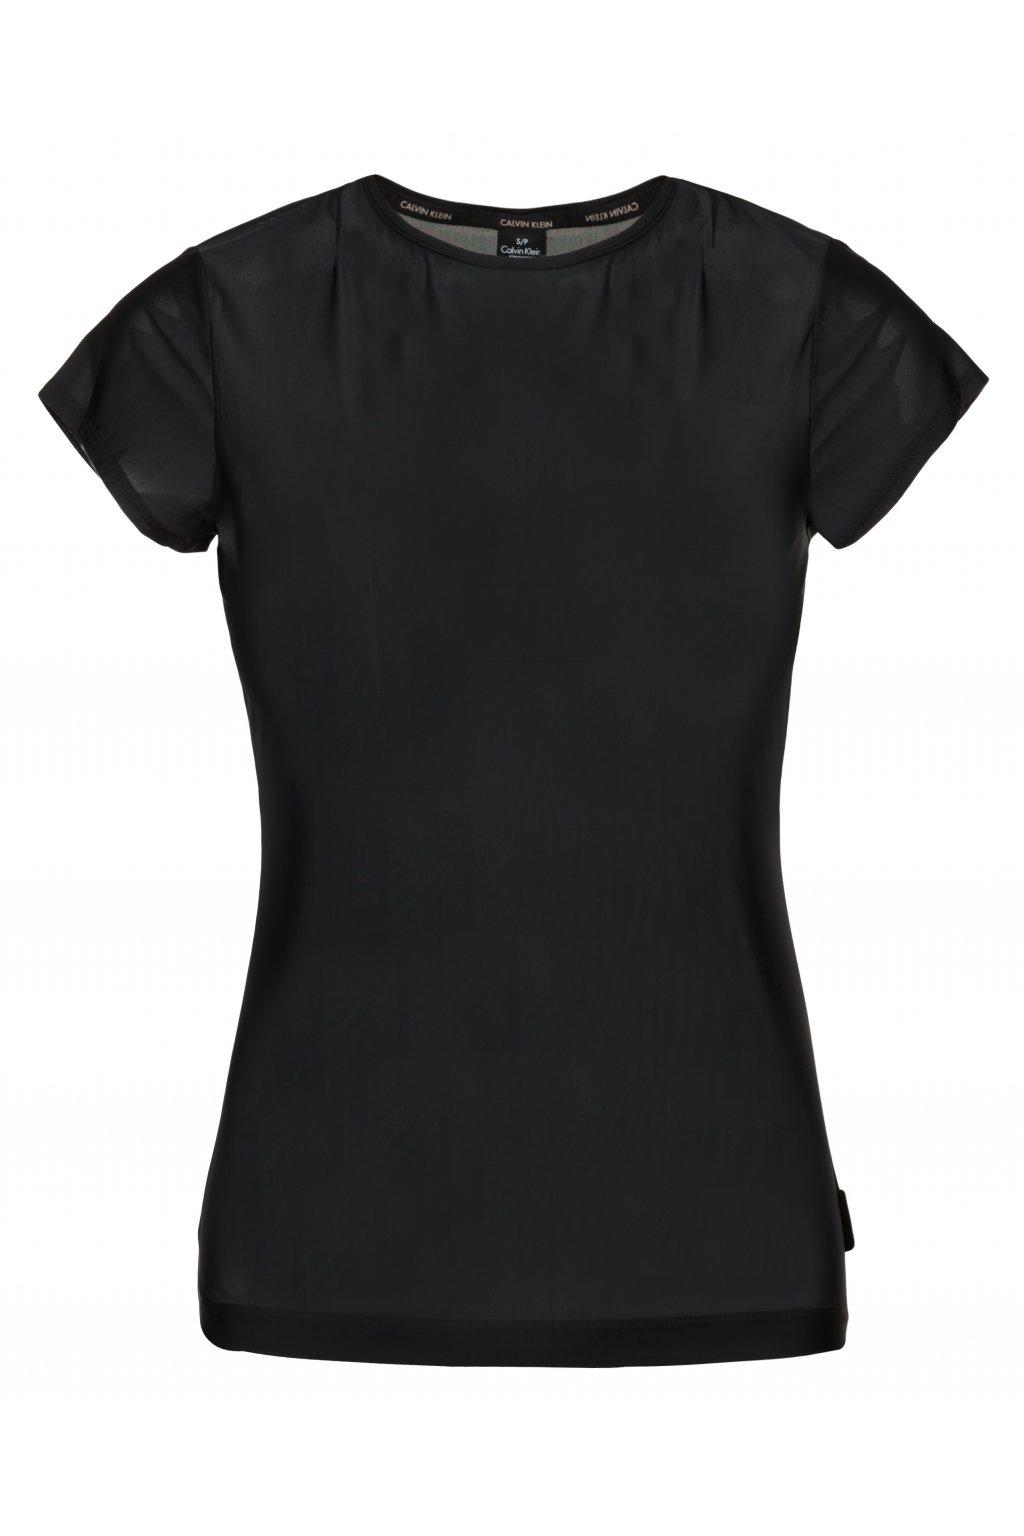 Calvin Klein Sheer Tričko dámské - černé